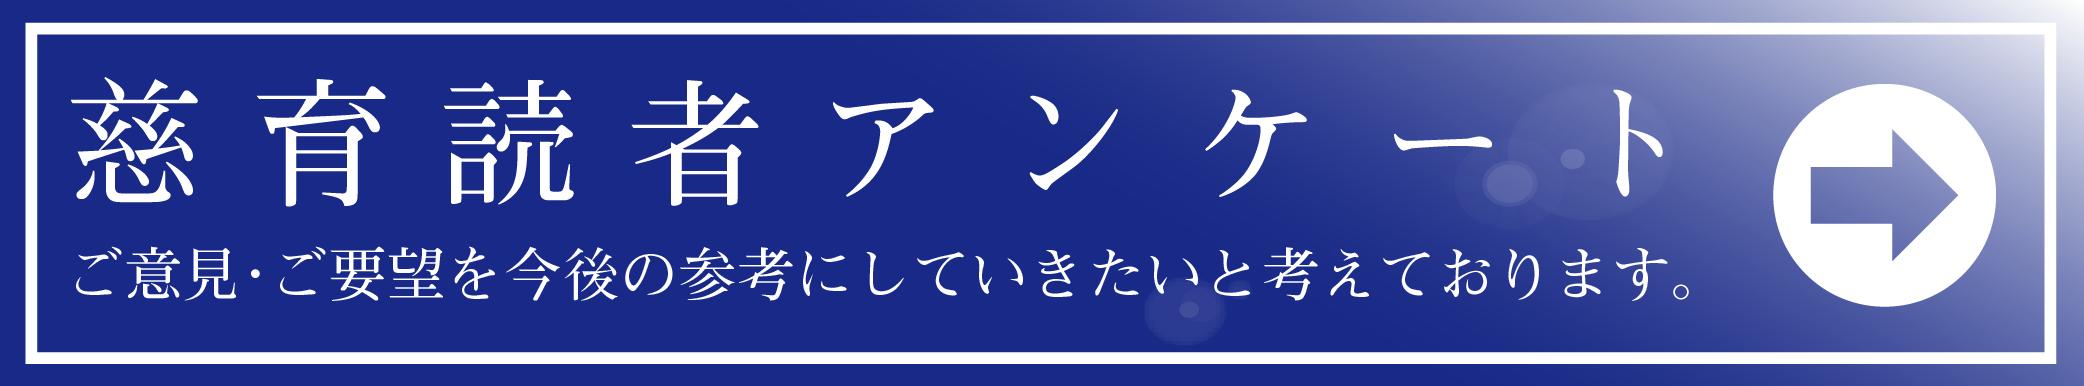 慈育読者アンケート